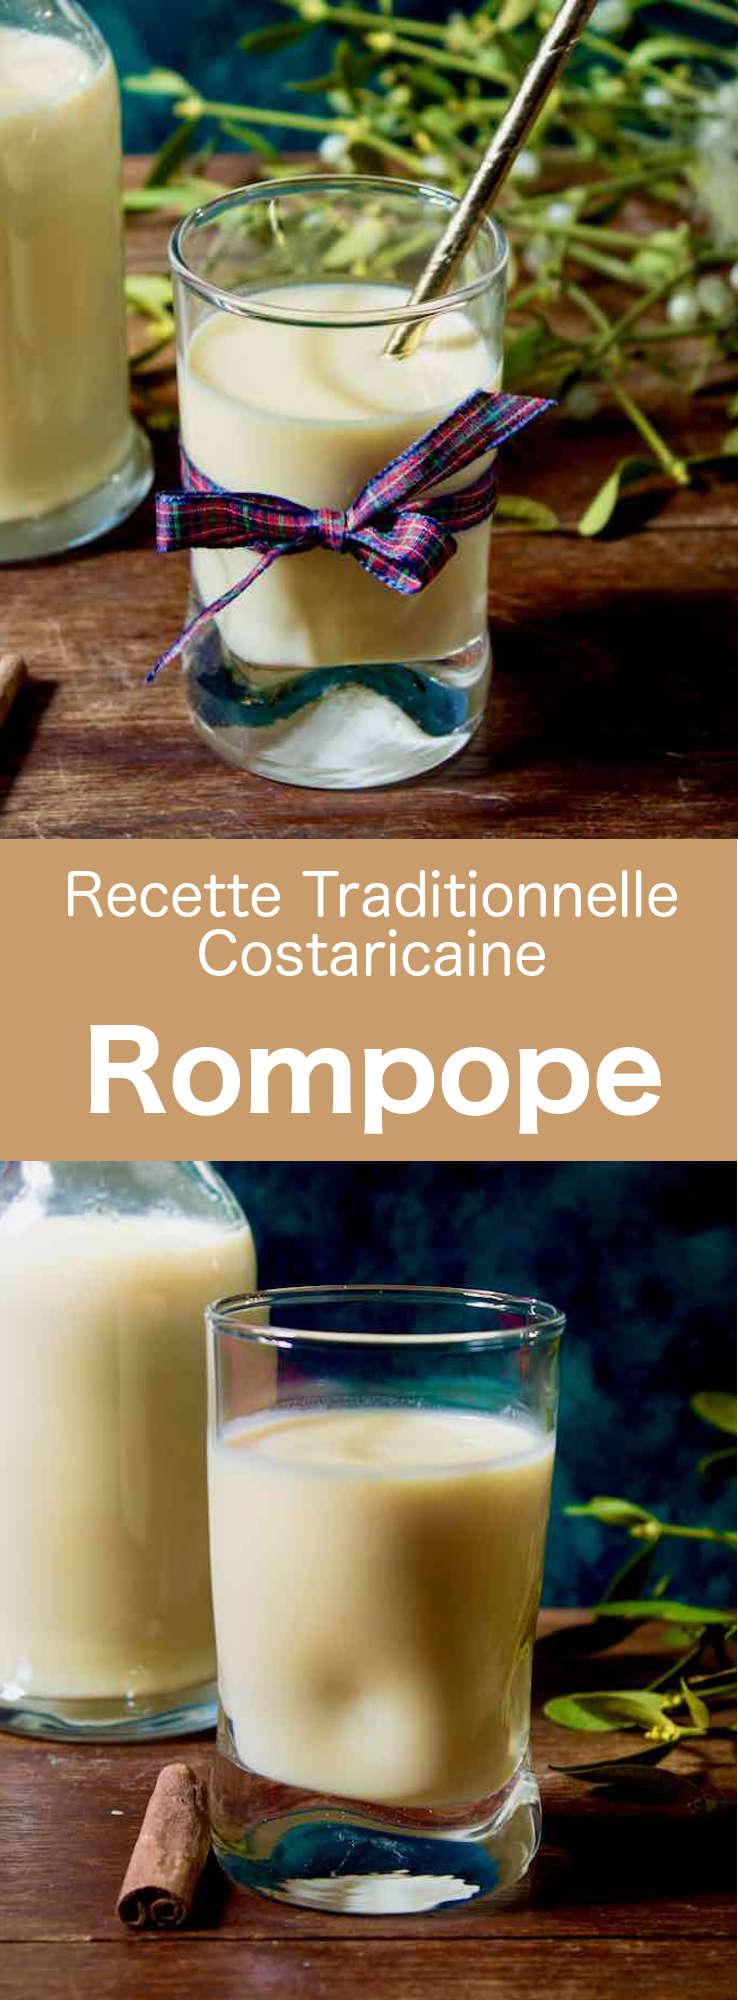 Le rompope est une boisson traditionnelle semblable au lait de poule qui est populaire au Salvador, au Honduras, au Costa Rica, en Équateur, au Nicaragua, au Guatemala, au Belize et au Mexique. #Salvador #CuisineSalvadorienne #AmeriqueCentrale #CuisineDuMonde #196flavors